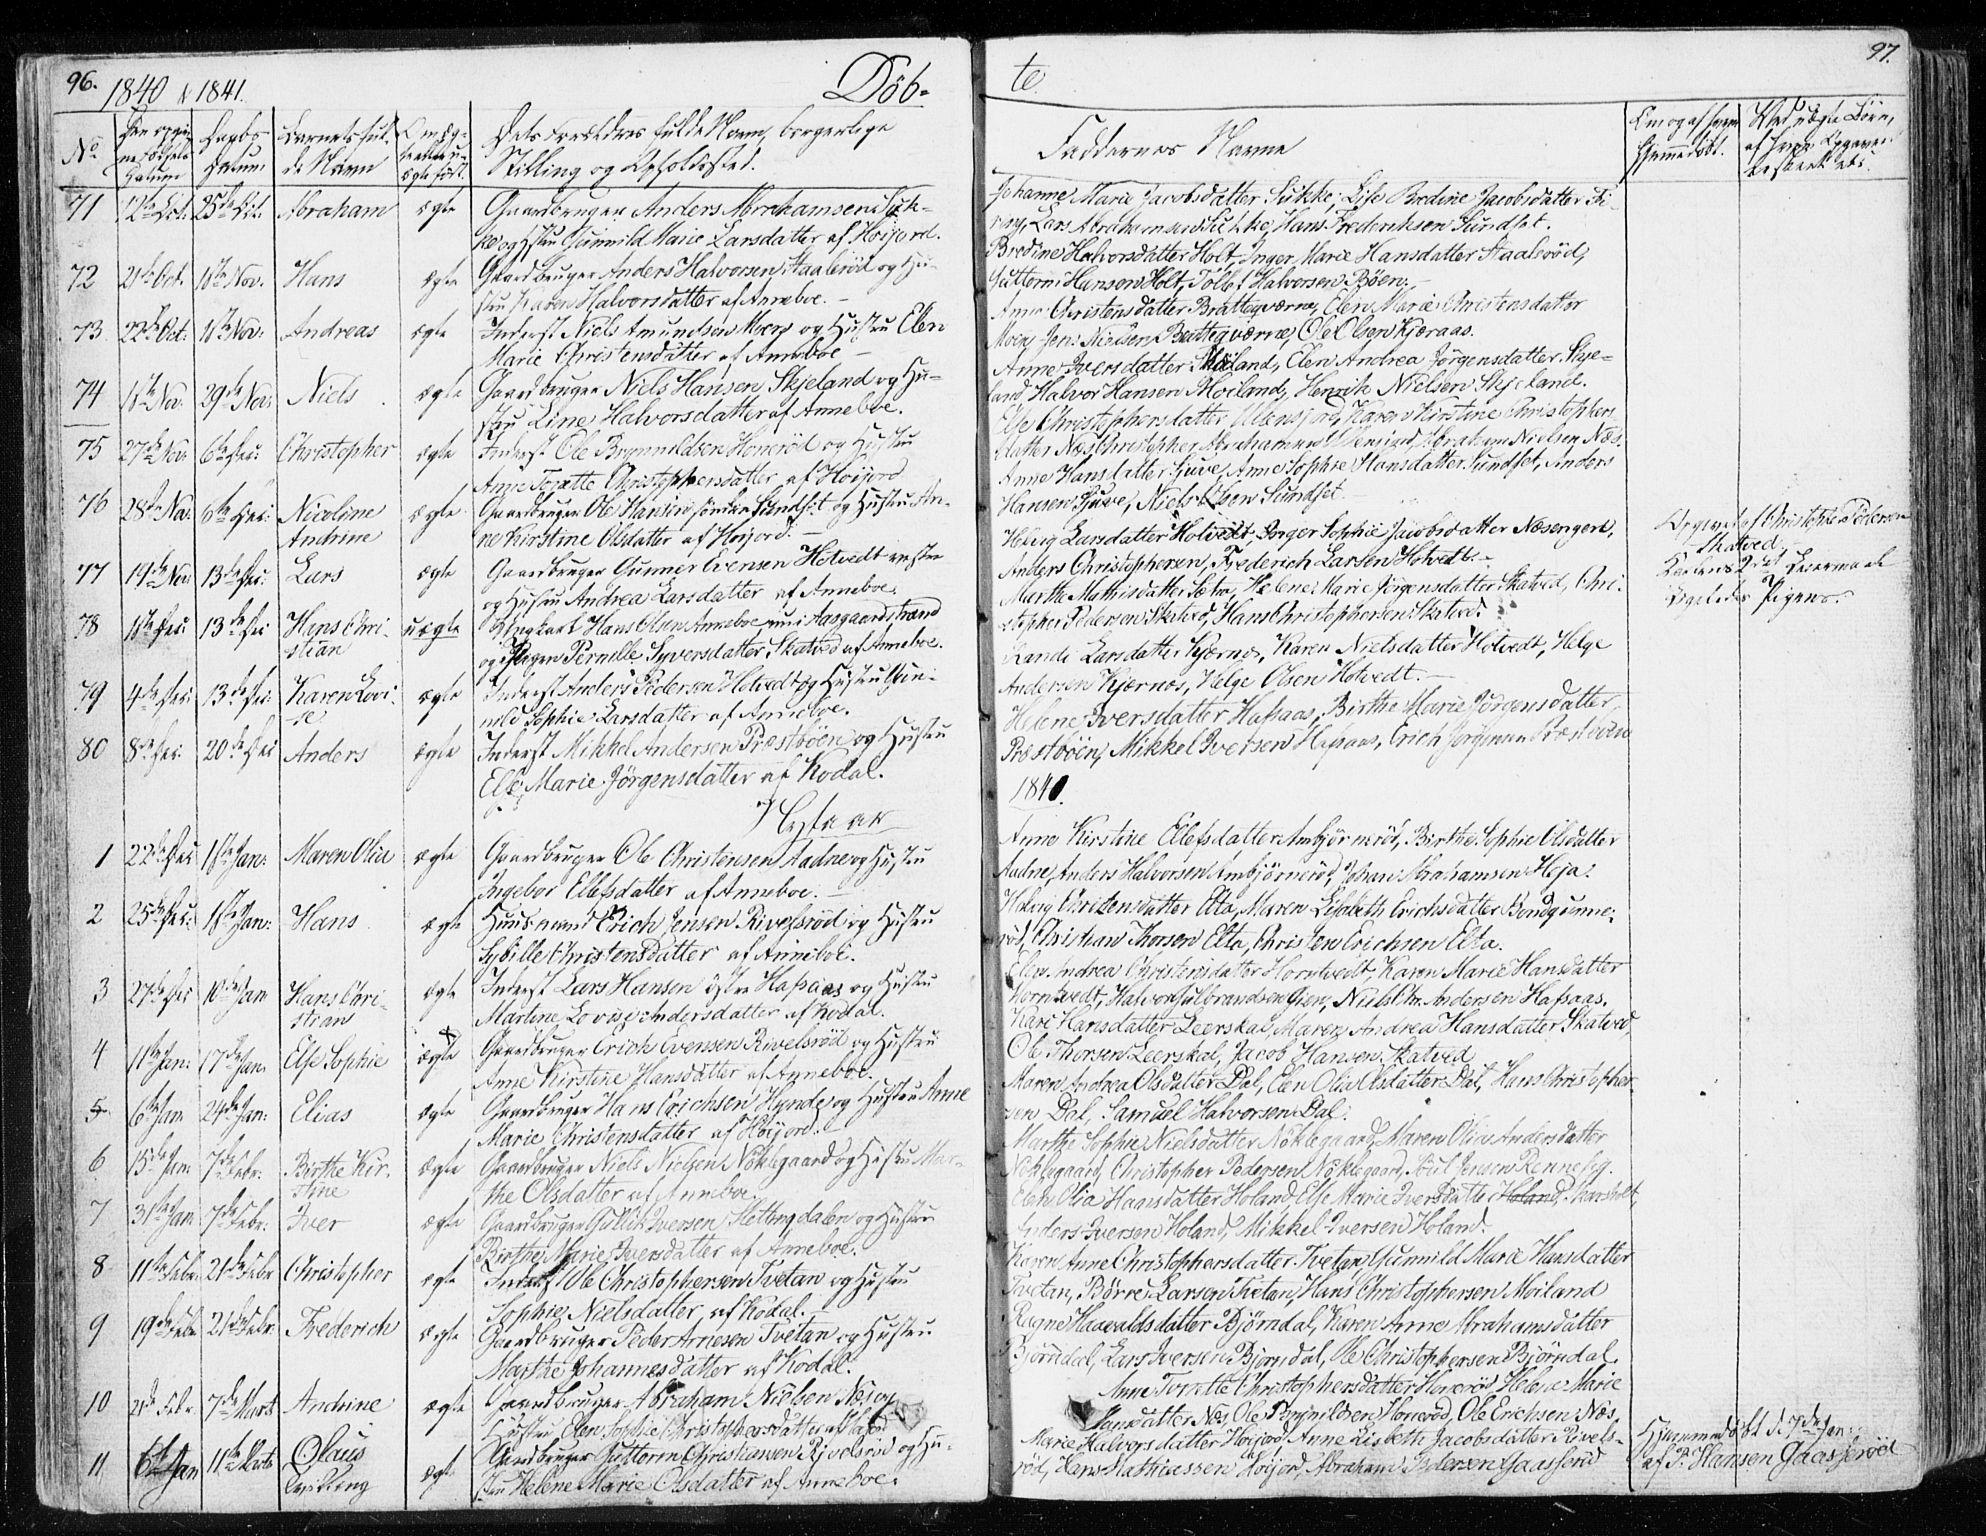 SAKO, Andebu kirkebøker, F/Fa/L0004: Ministerialbok nr. 4, 1829-1856, s. 96-97